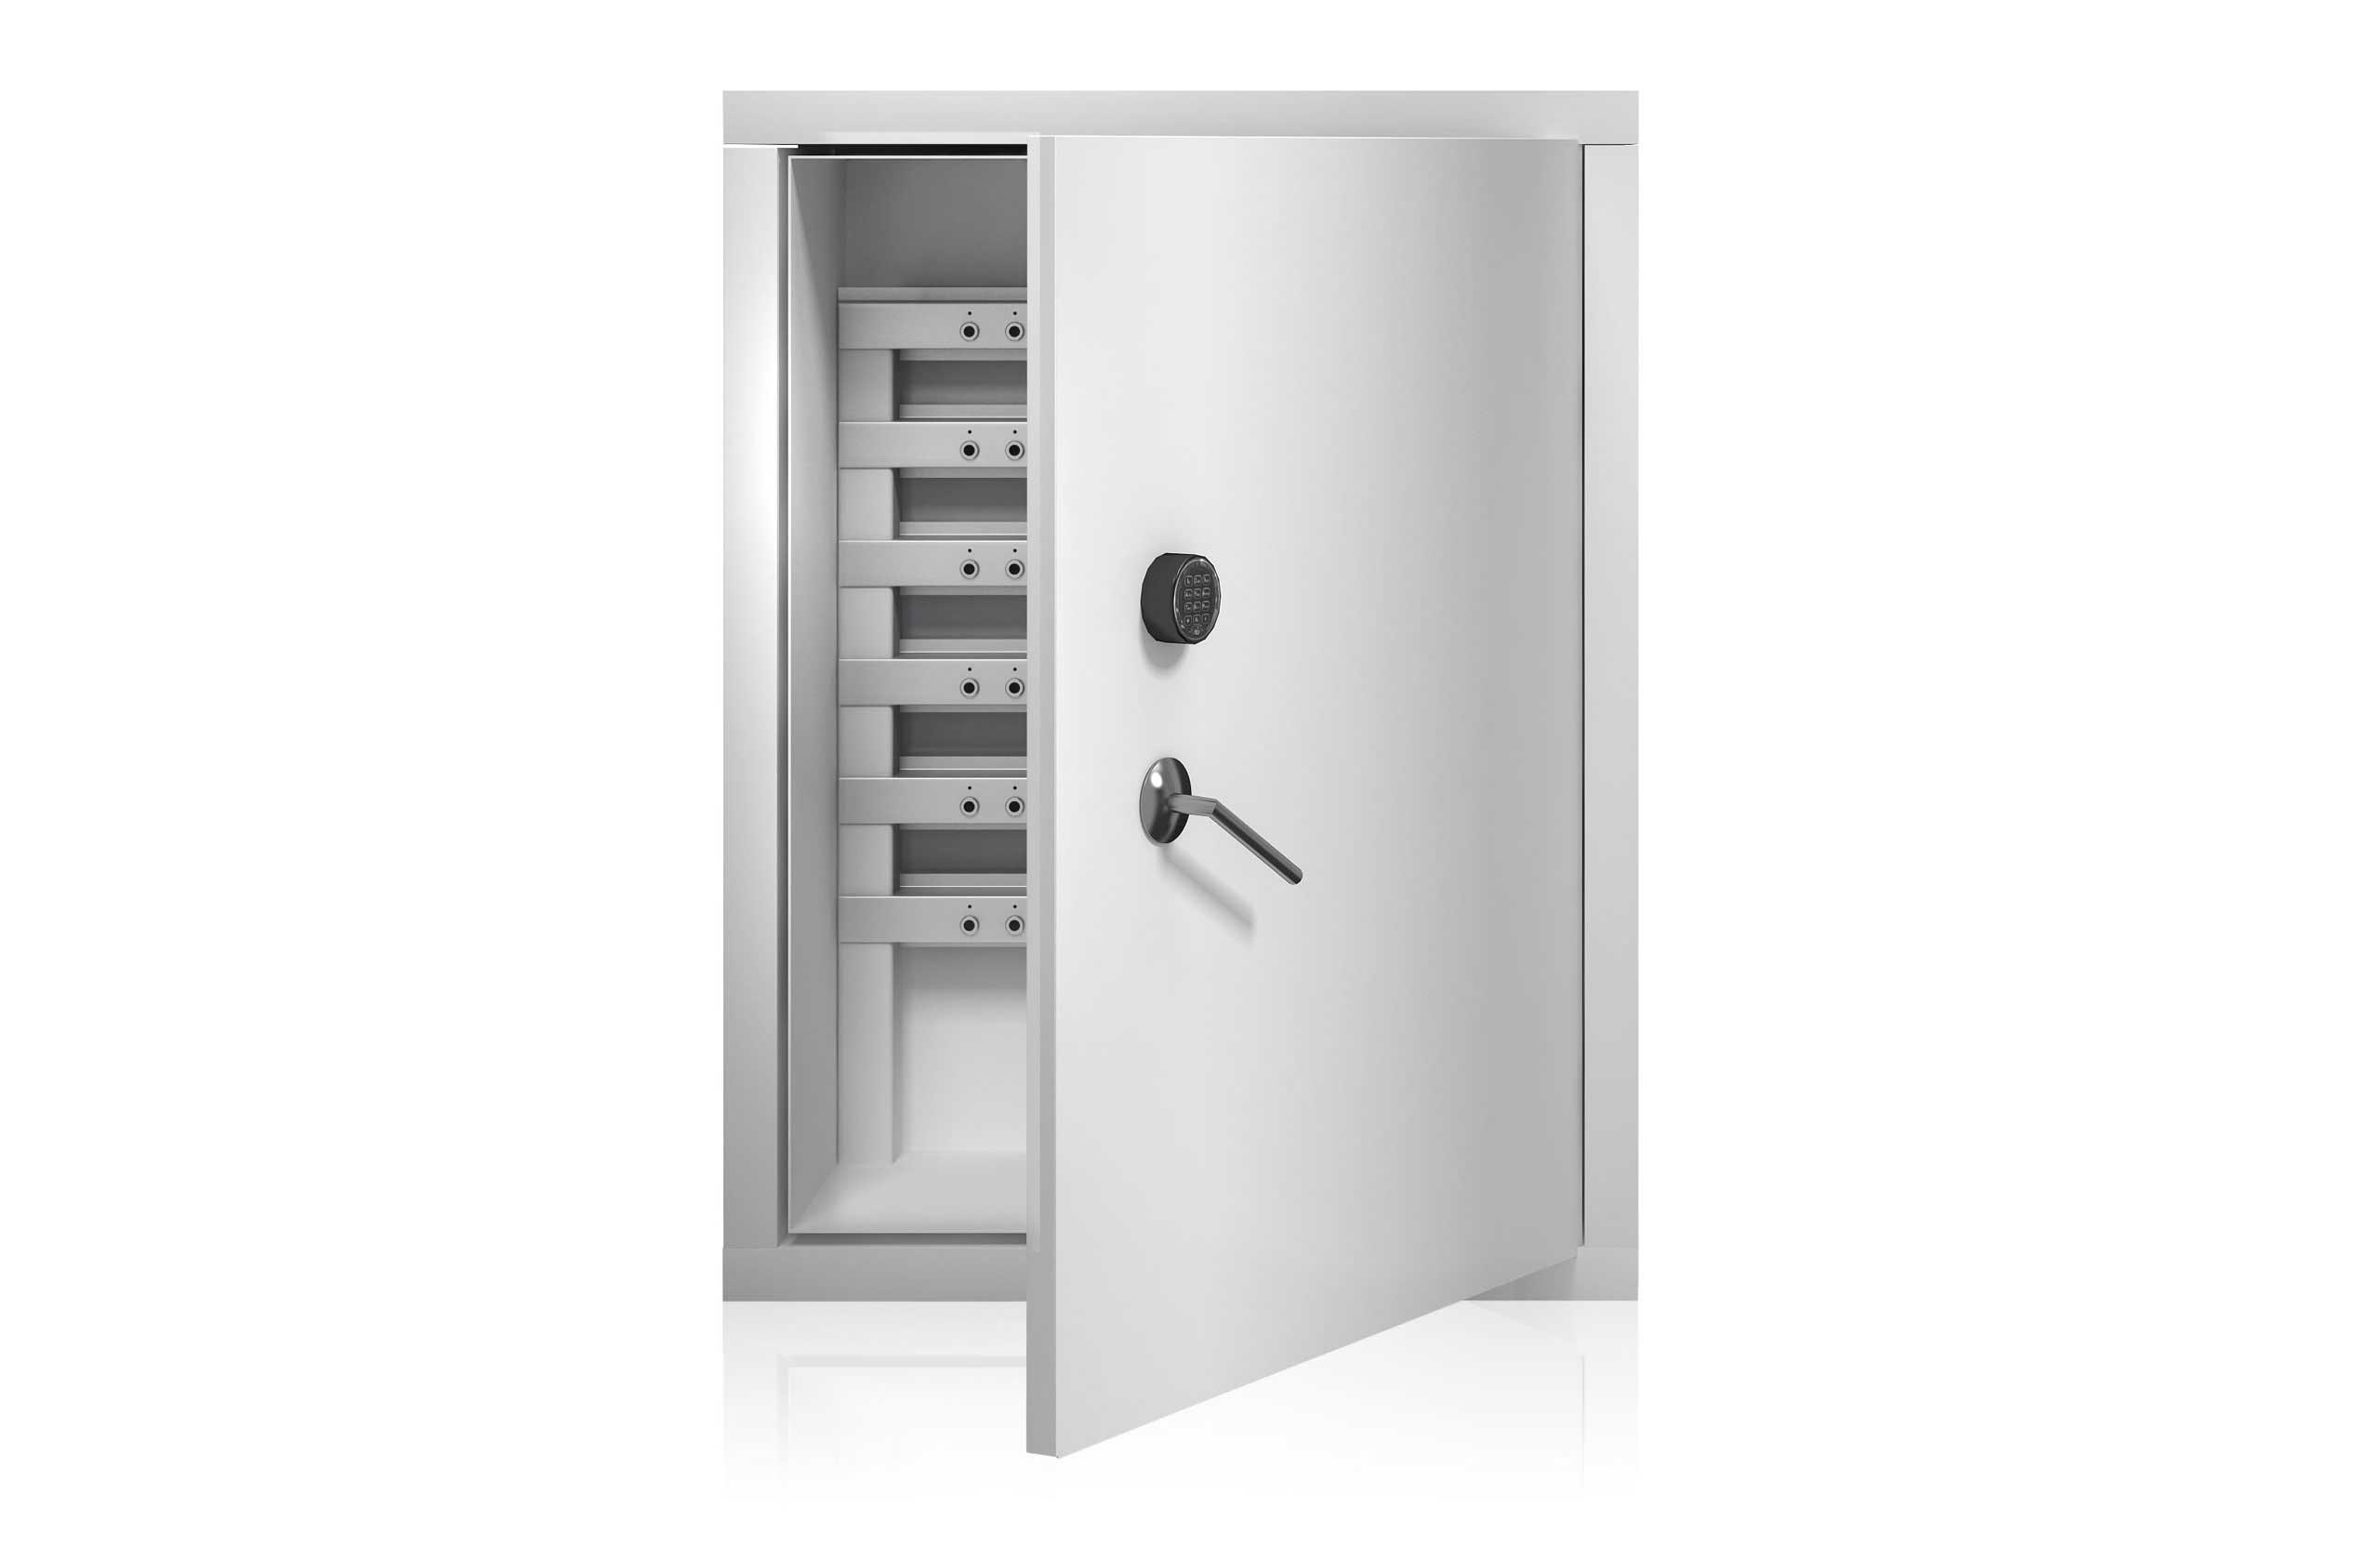 Intelligente sleutellijsten met een control box in een veiligheidskast voor een uniek sleutelmanagement.